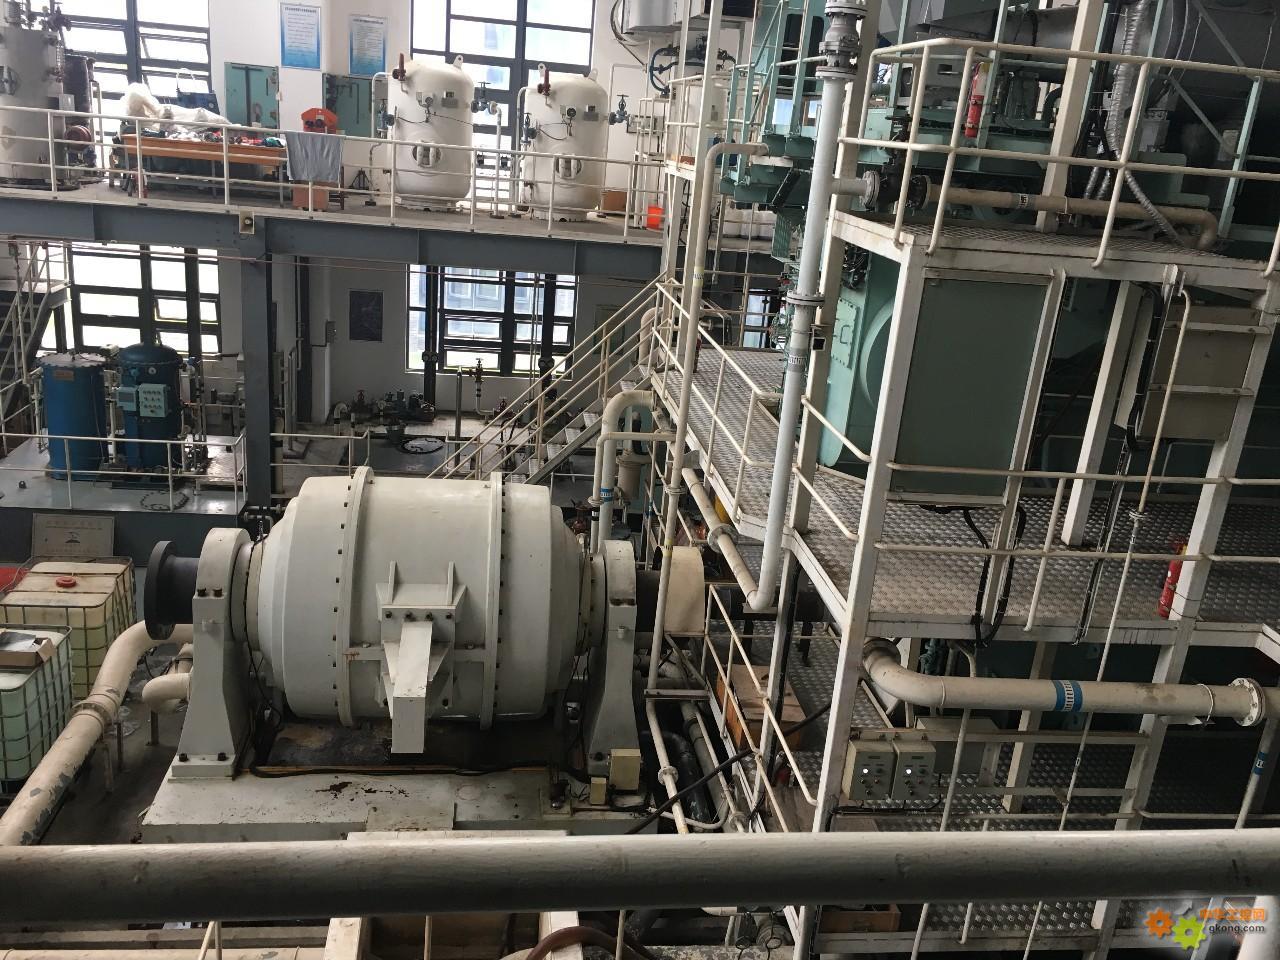 工业现场看到的一些设备